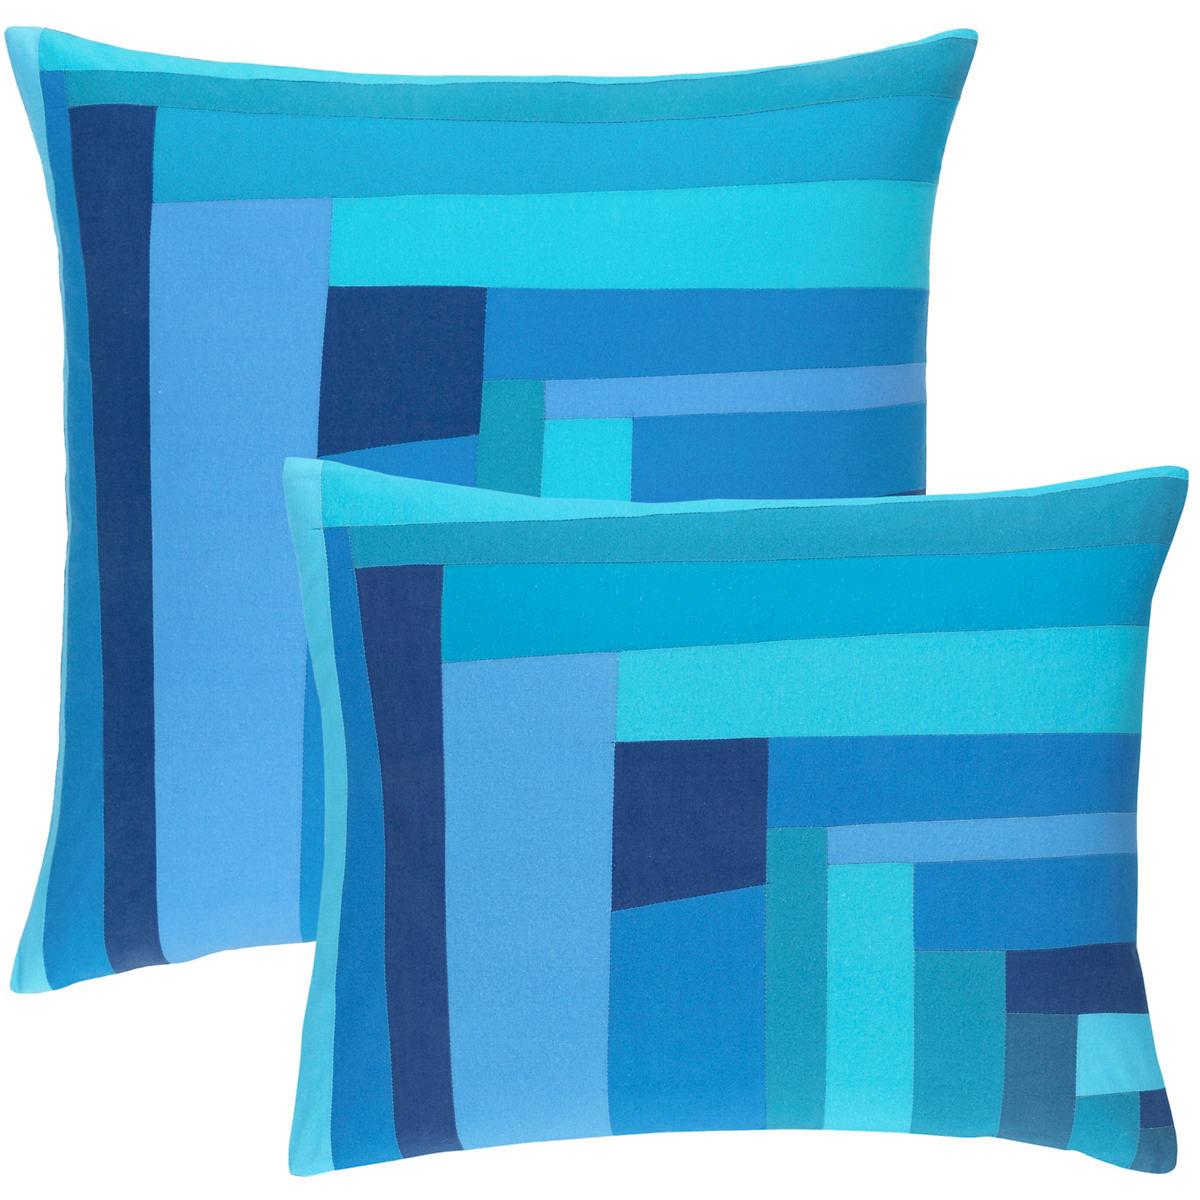 Plait Patched Blue Decorative Pillow